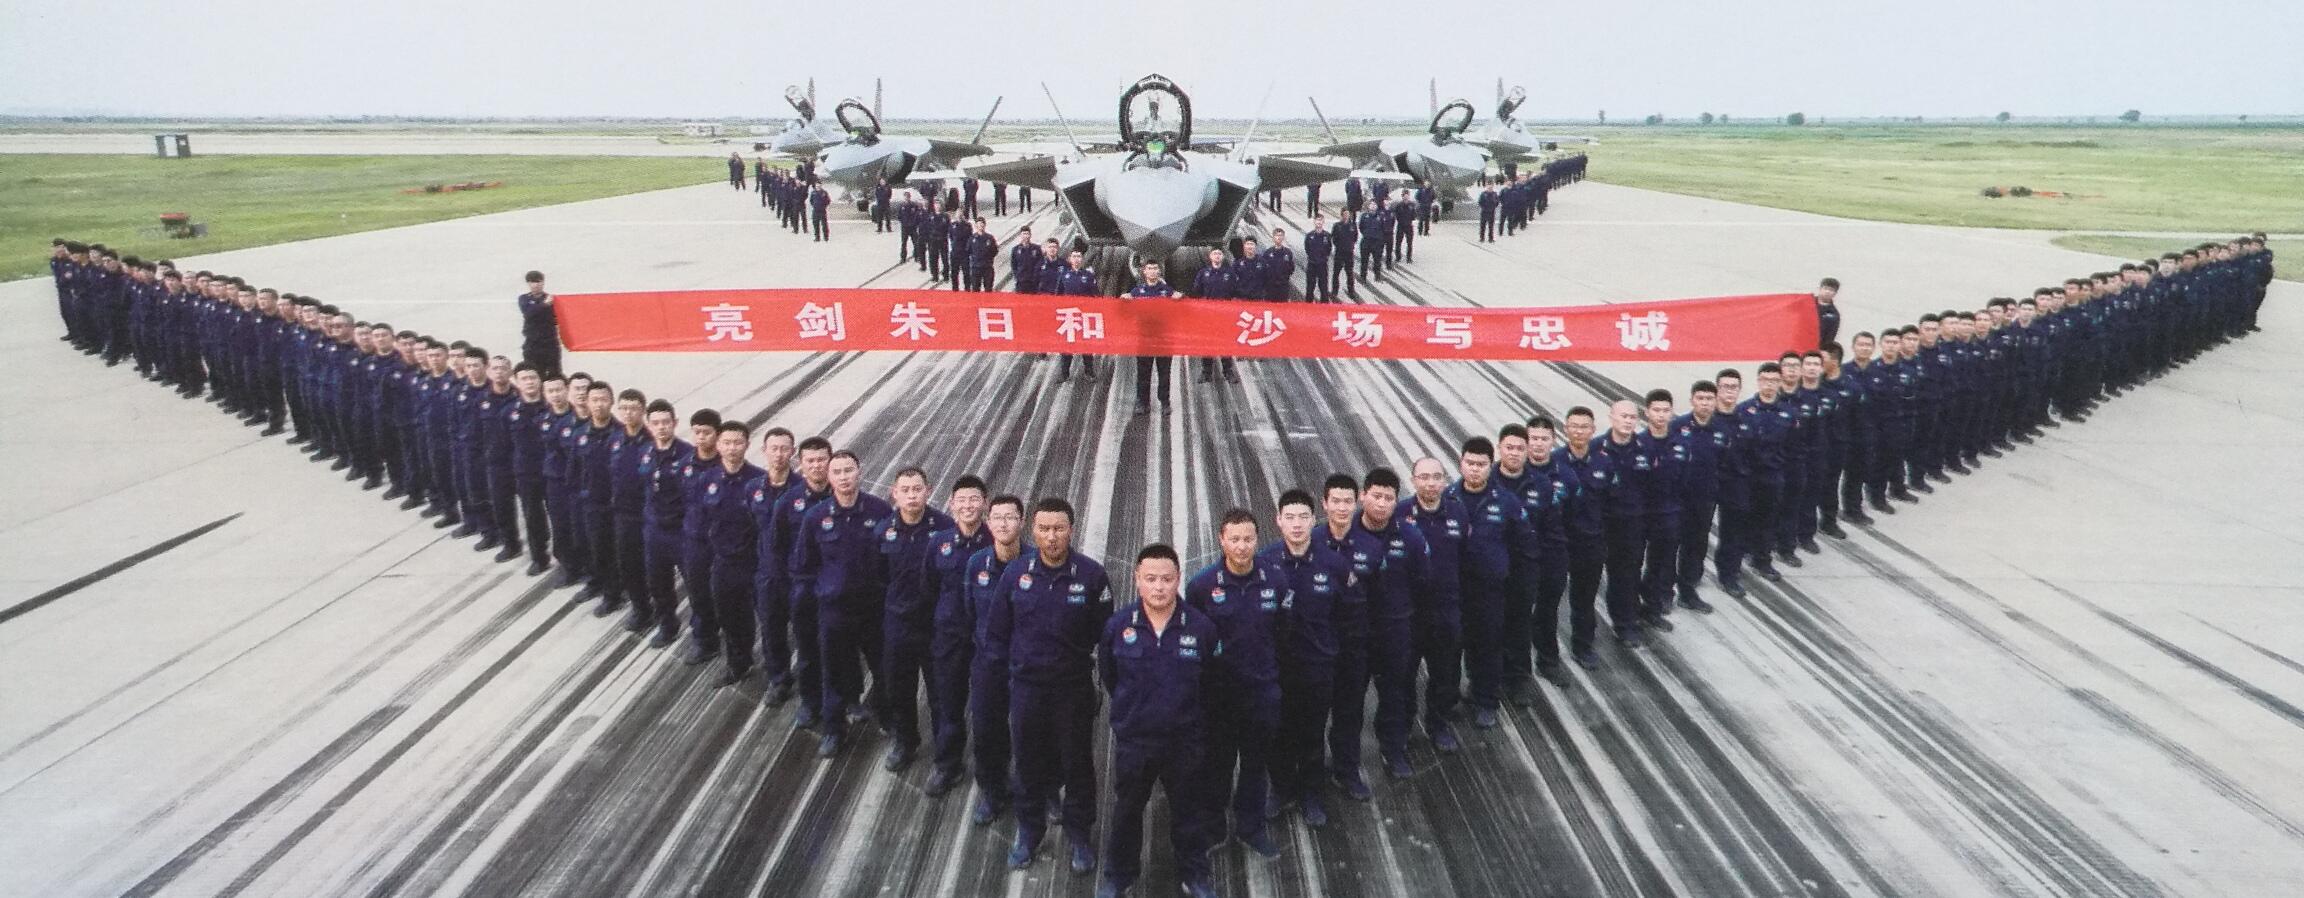 美澳媒体集体鼓吹强军 称要谨防中国不战而胜